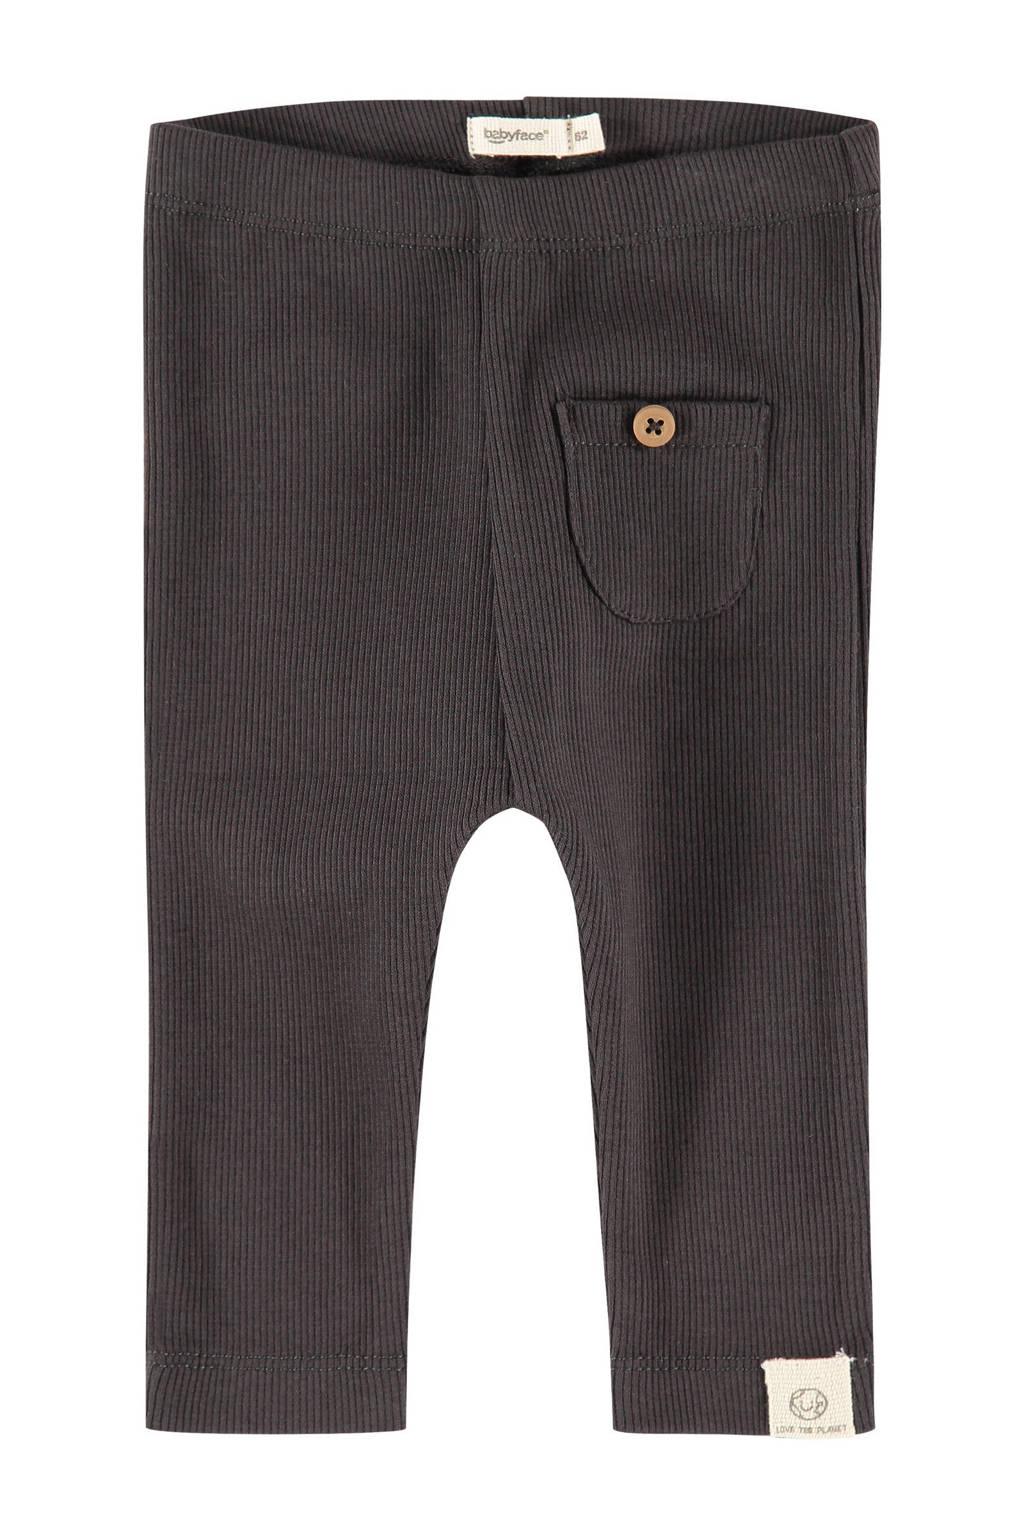 Babyface baby regular fit broek Unisex Trousers antraciet, Antraciet